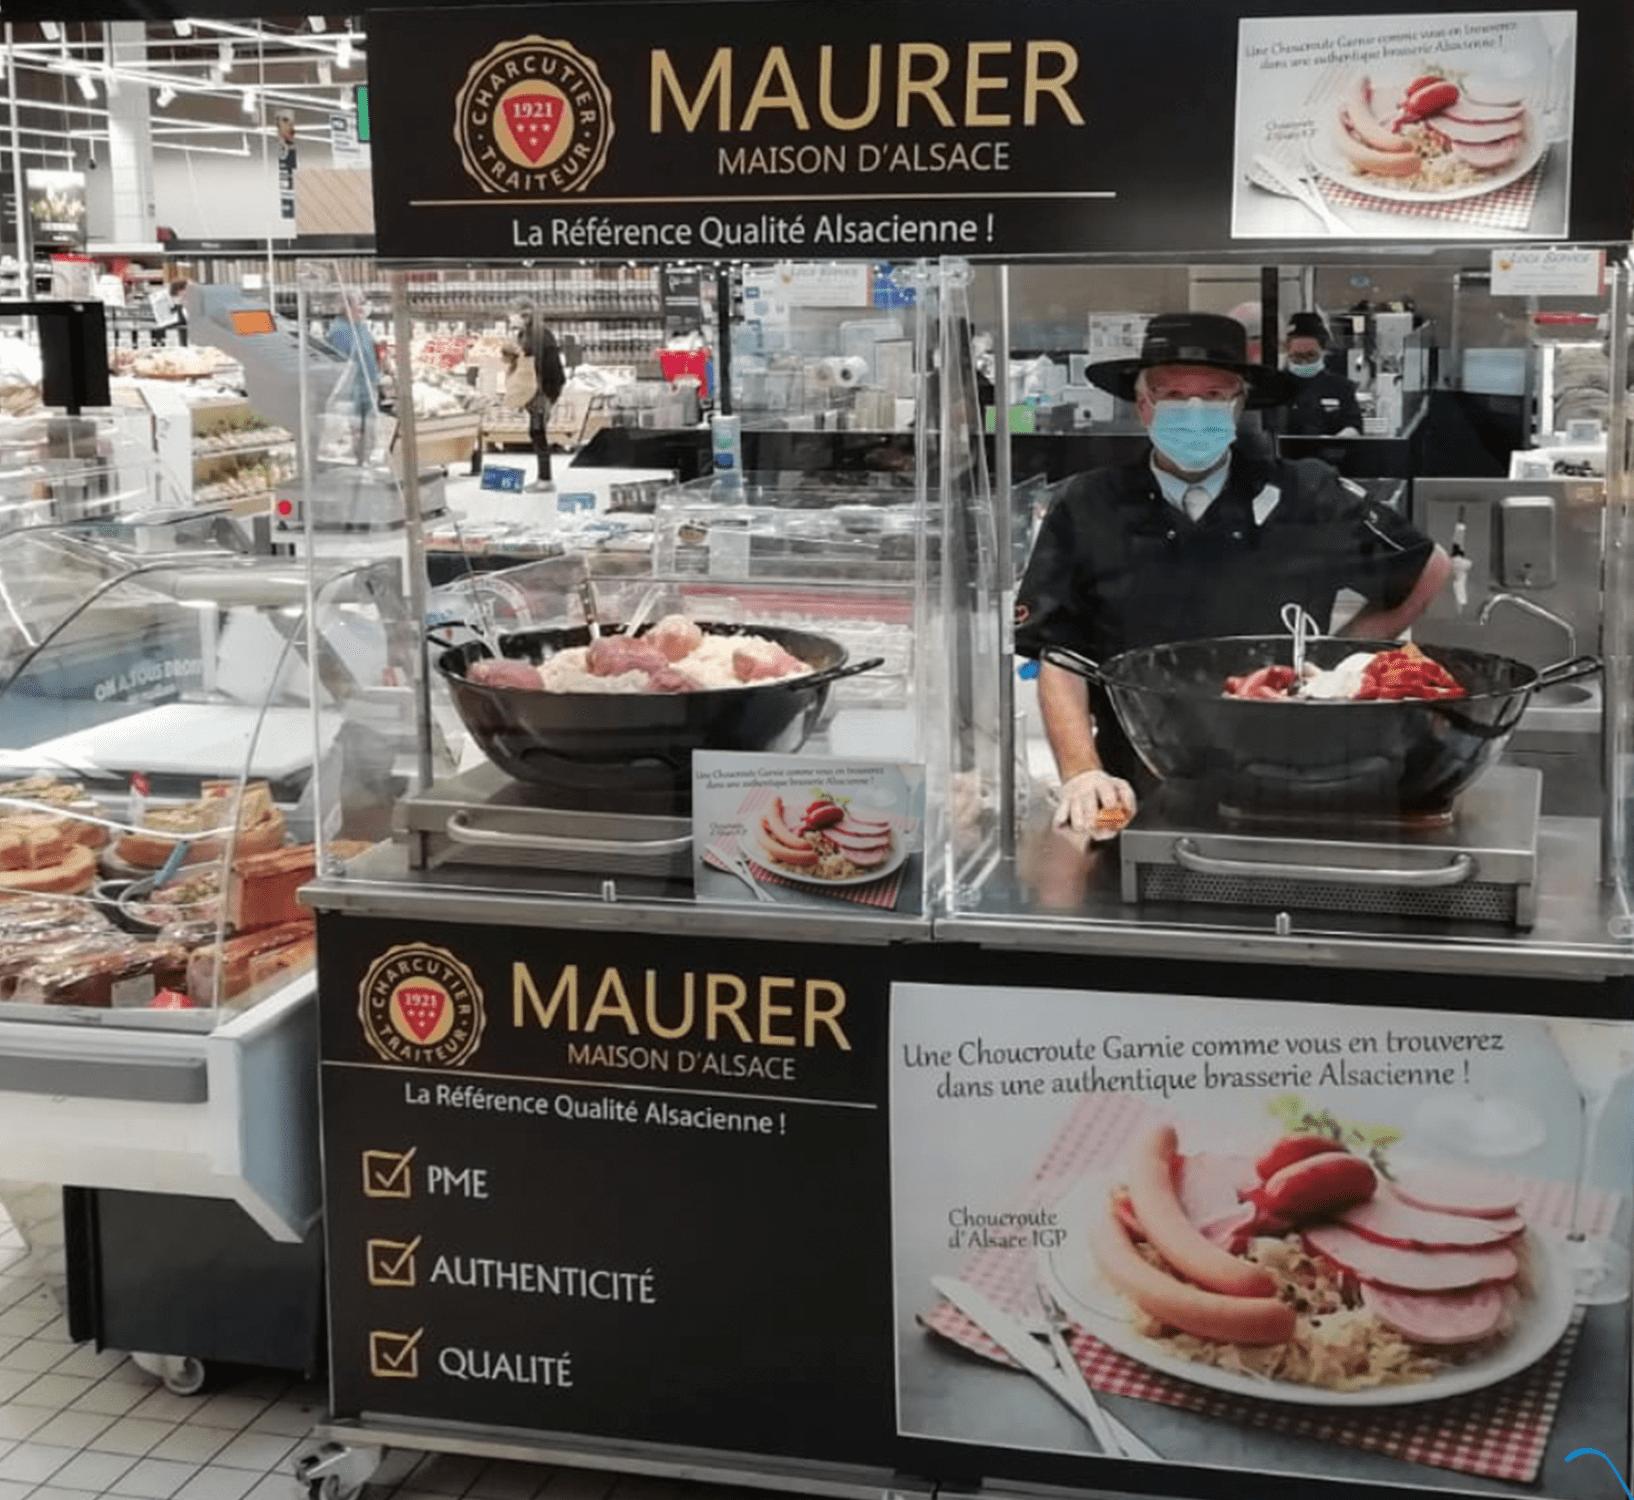 La Choucroute Garnie envahit vos supermarchés!